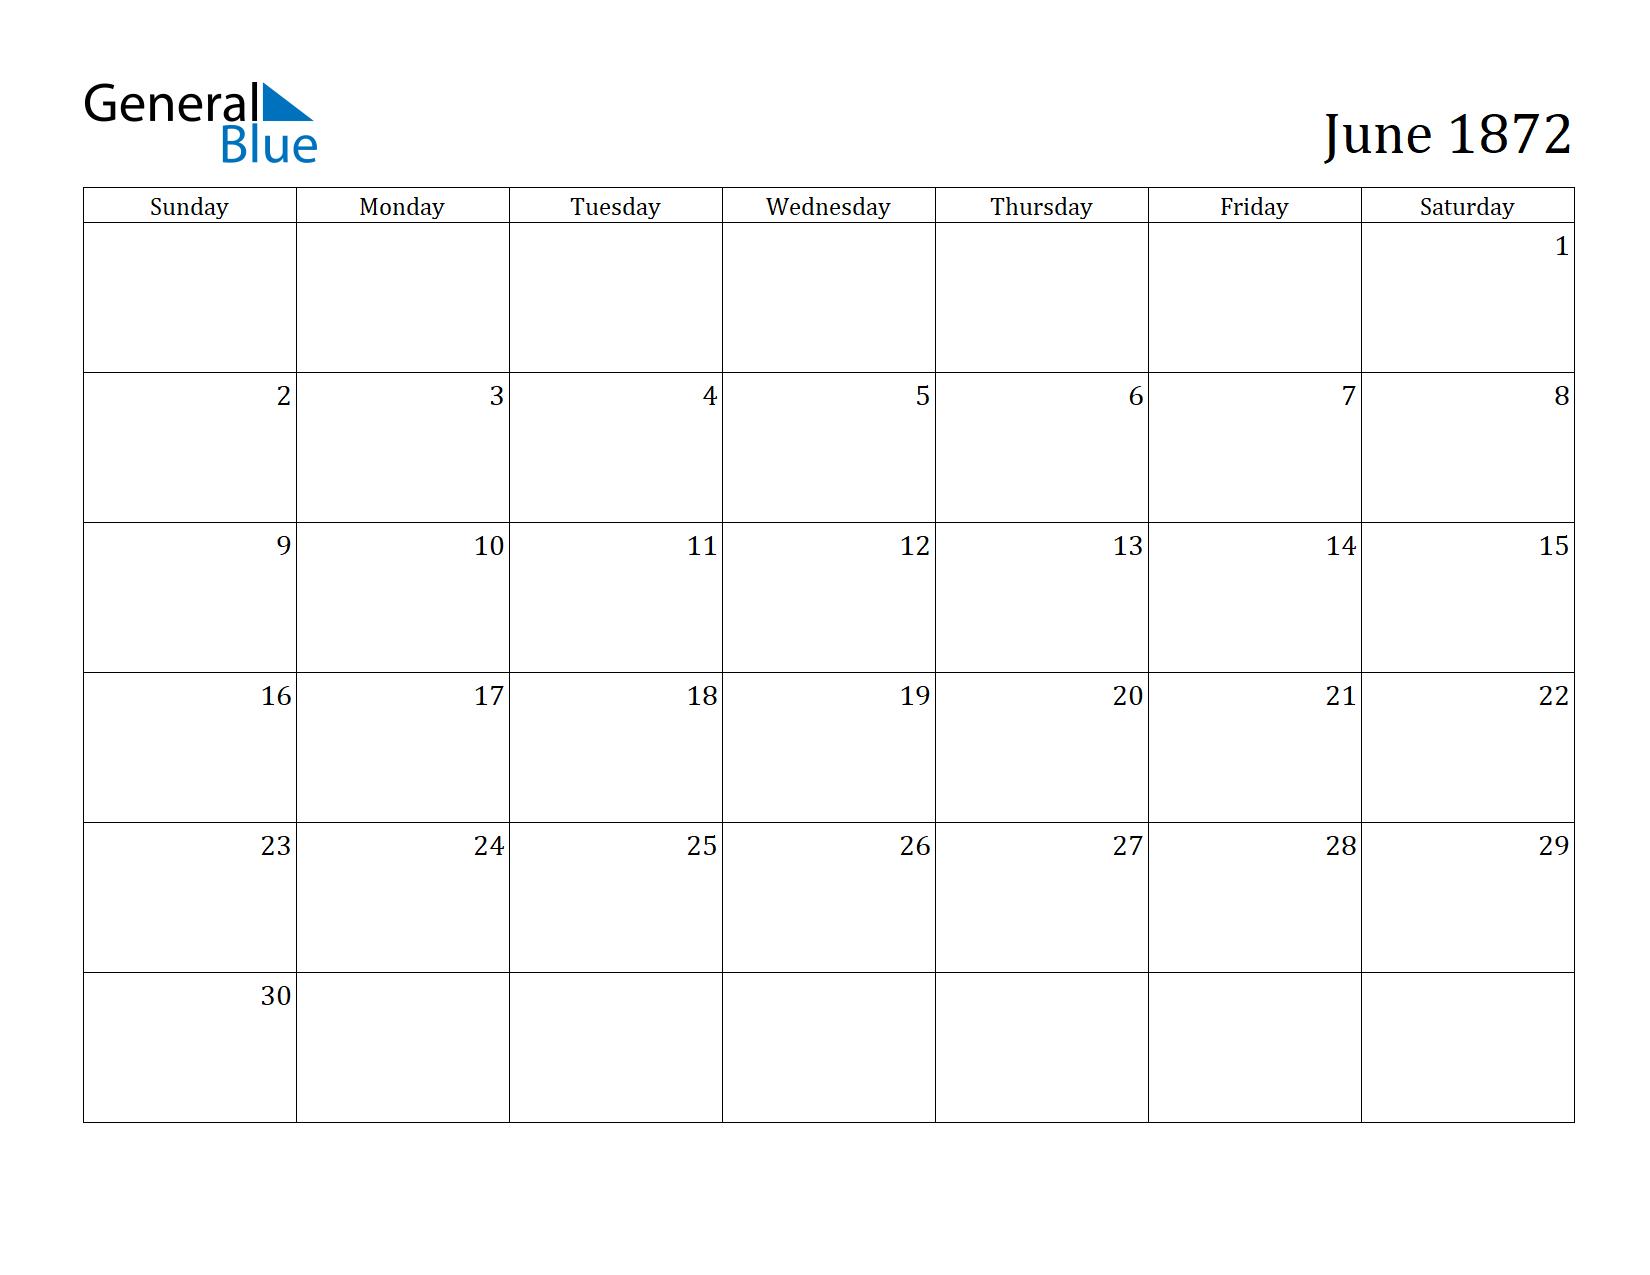 Image of June 1872 Calendar